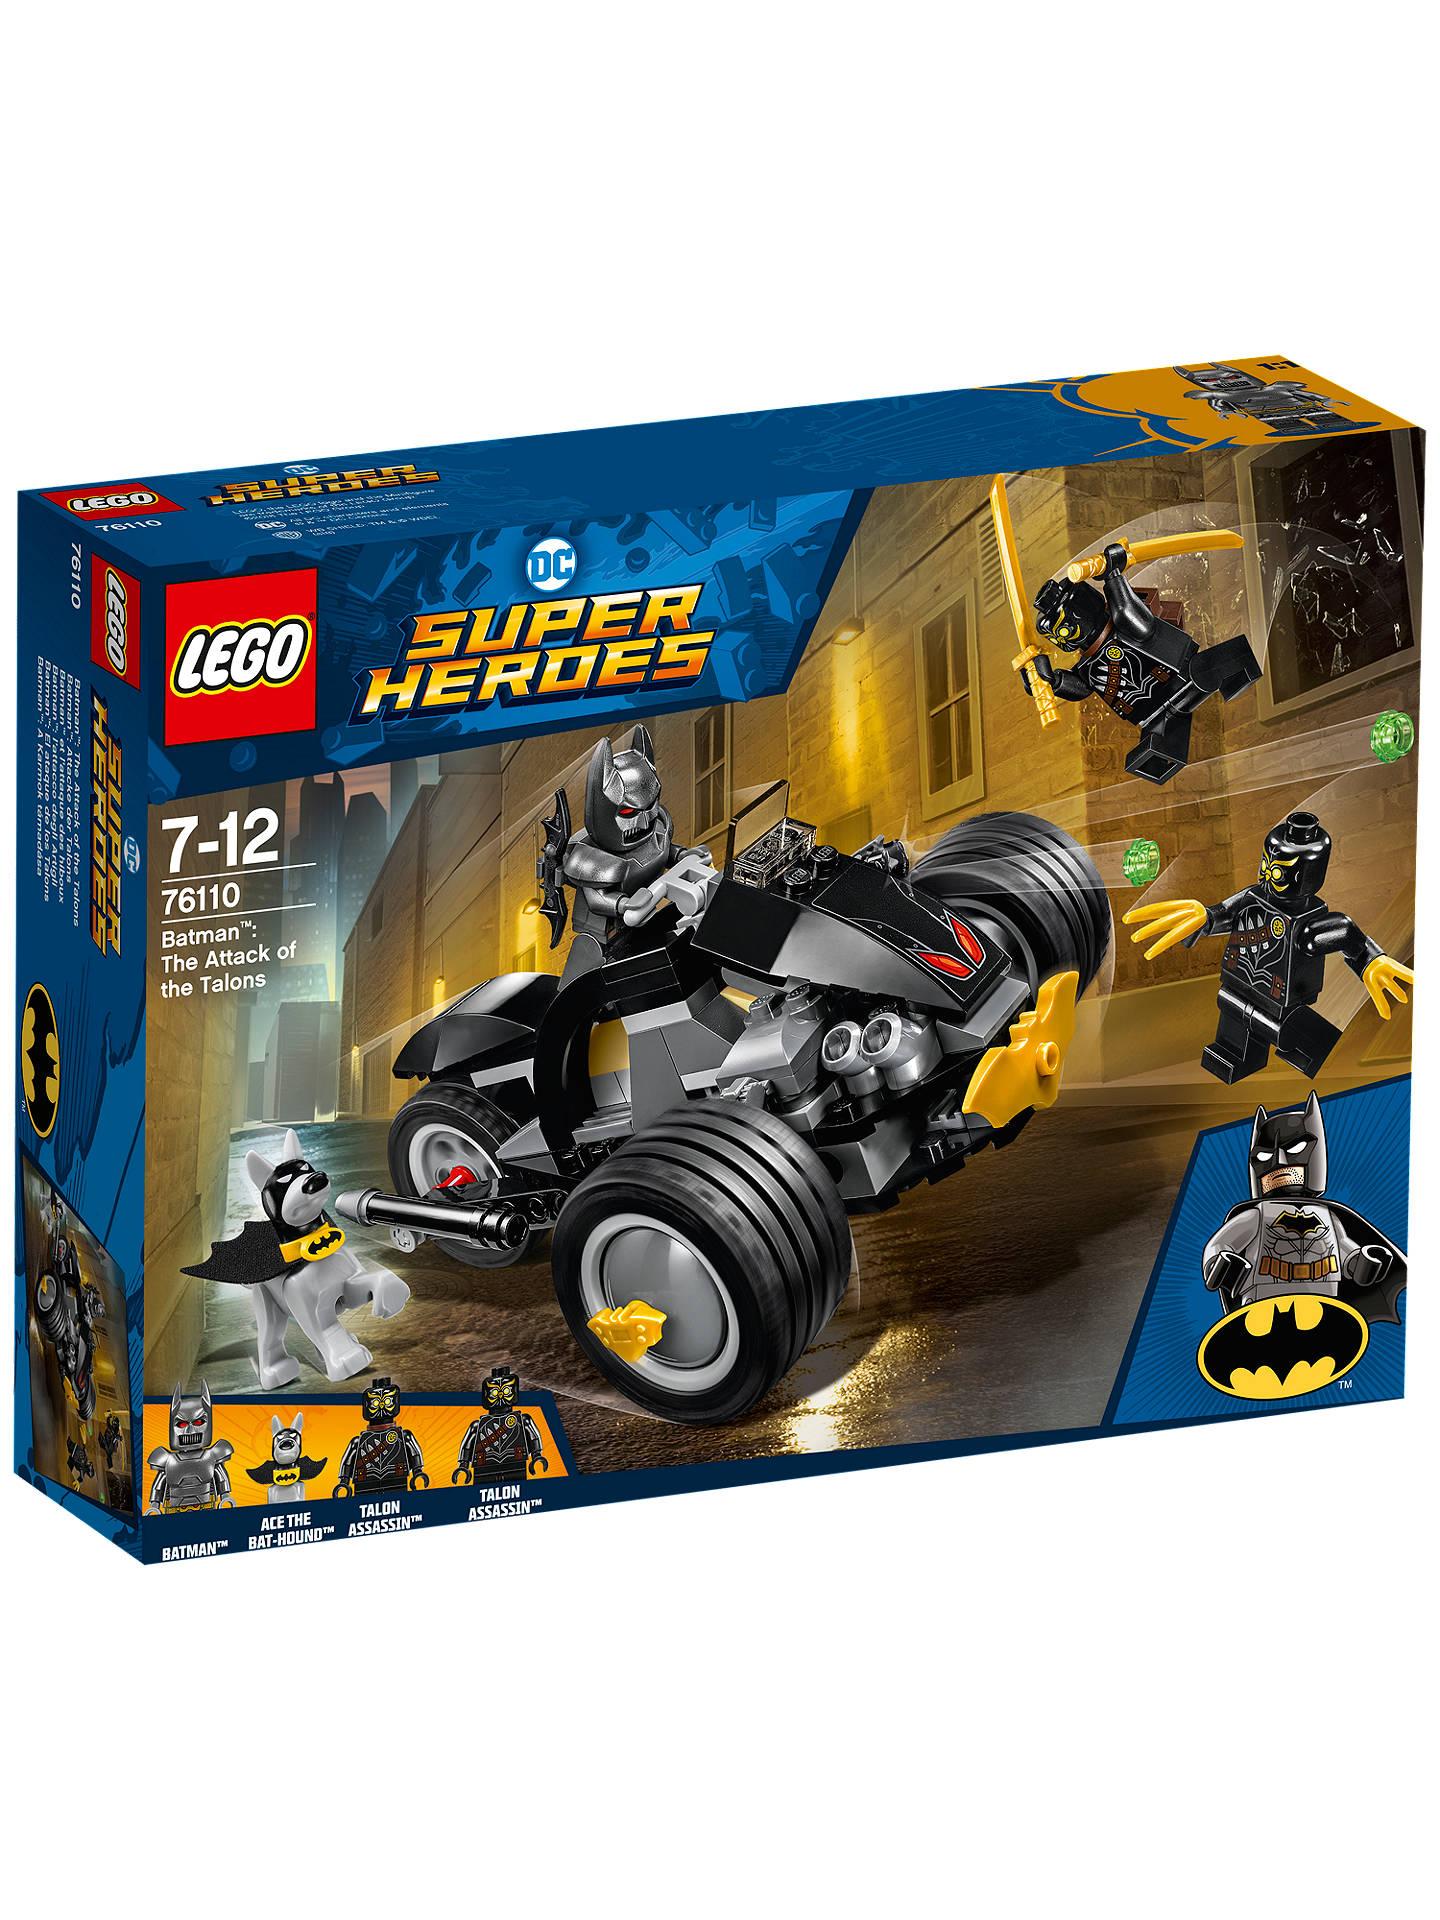 LEGO DC Super Heroes 76110 Batman Attack Talons